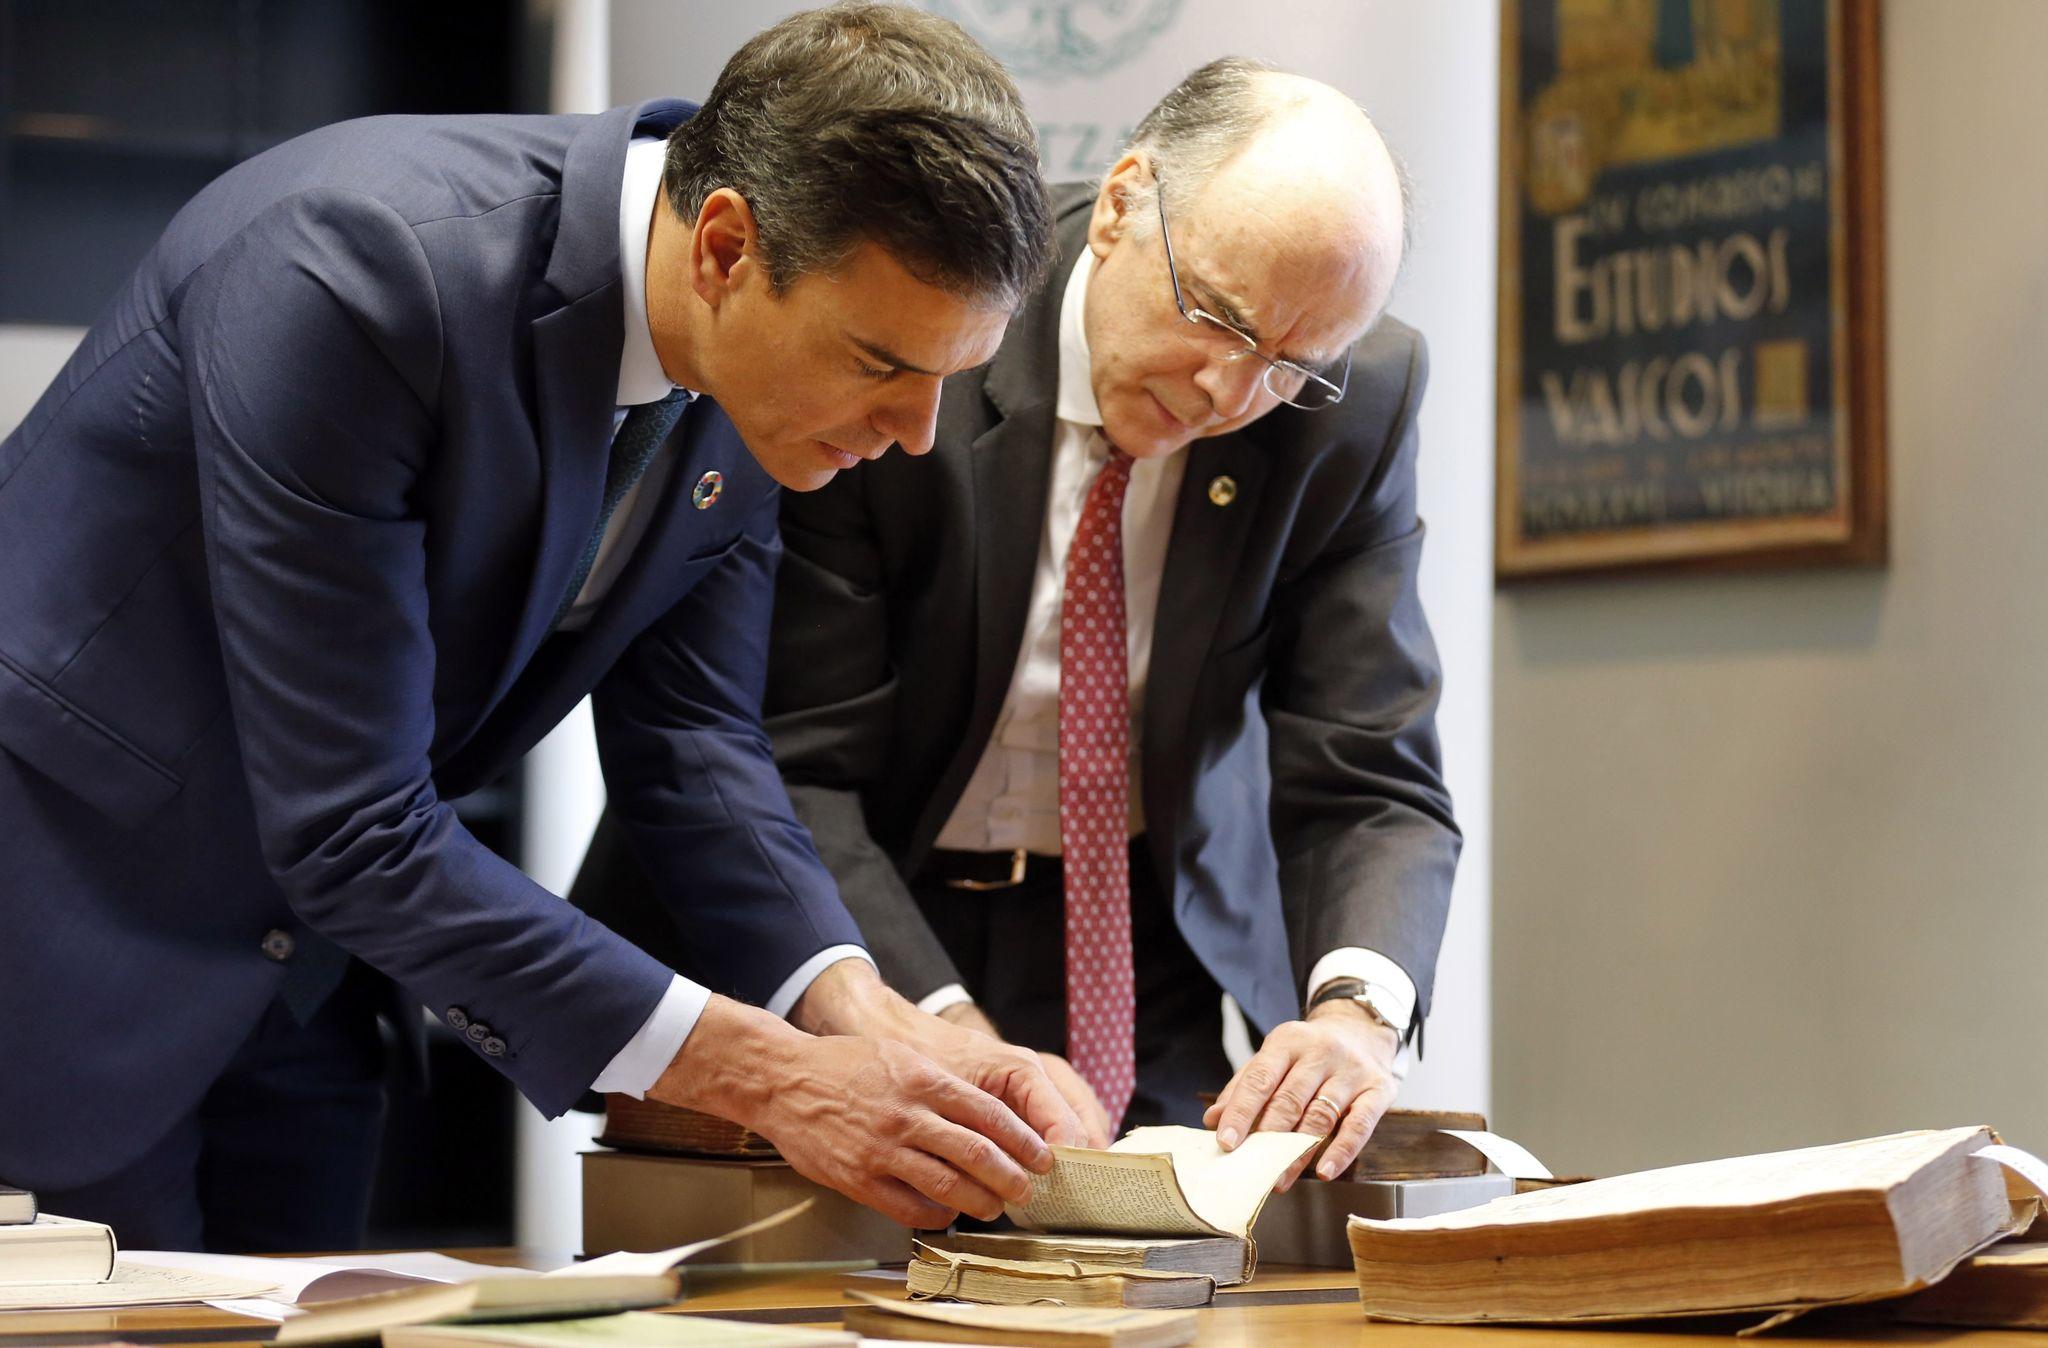 Pedro Sánchez junto al presidente de Euskaltzaindia, Andrés Urrutia.